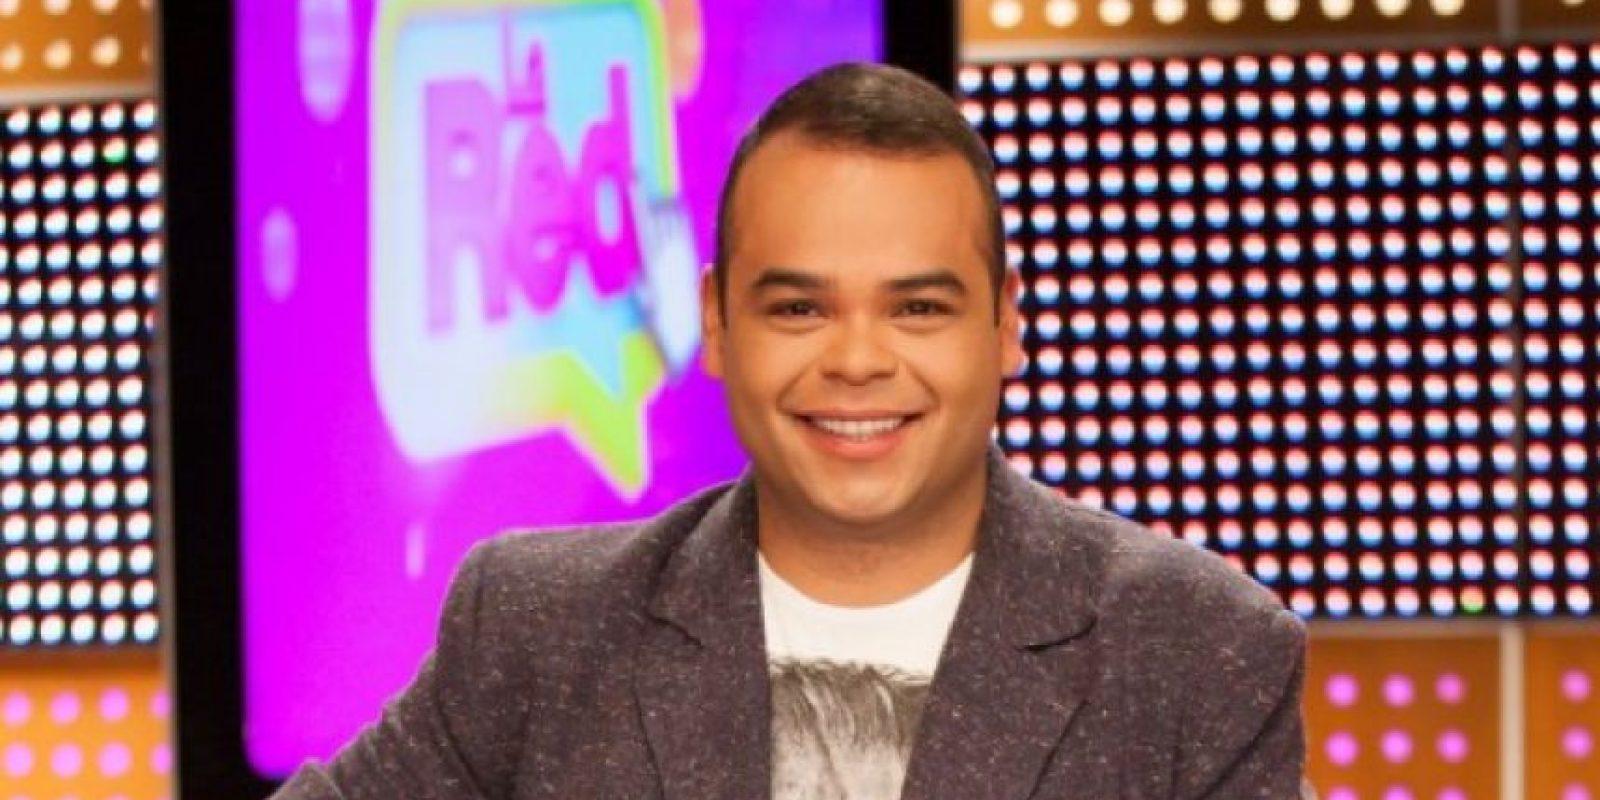 El presentador del programa de farándula La Red, aseguró que el atraco fue cometido en la avenida Caracas con calle 80. Foto:Cortesía Canal Caracol